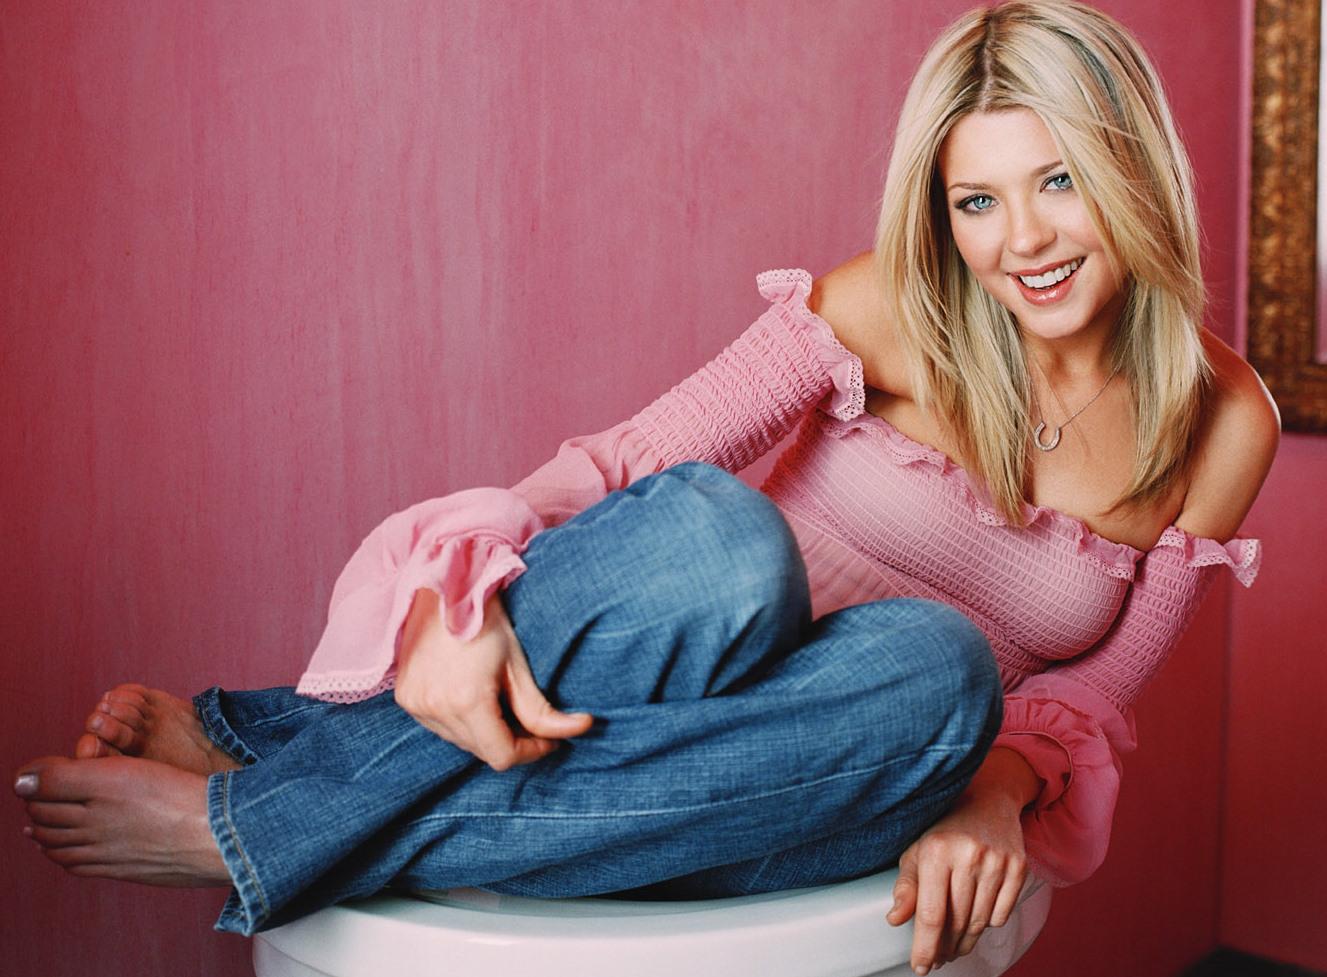 Tara reid celebrity pictures - Amy reid wallpaper ...